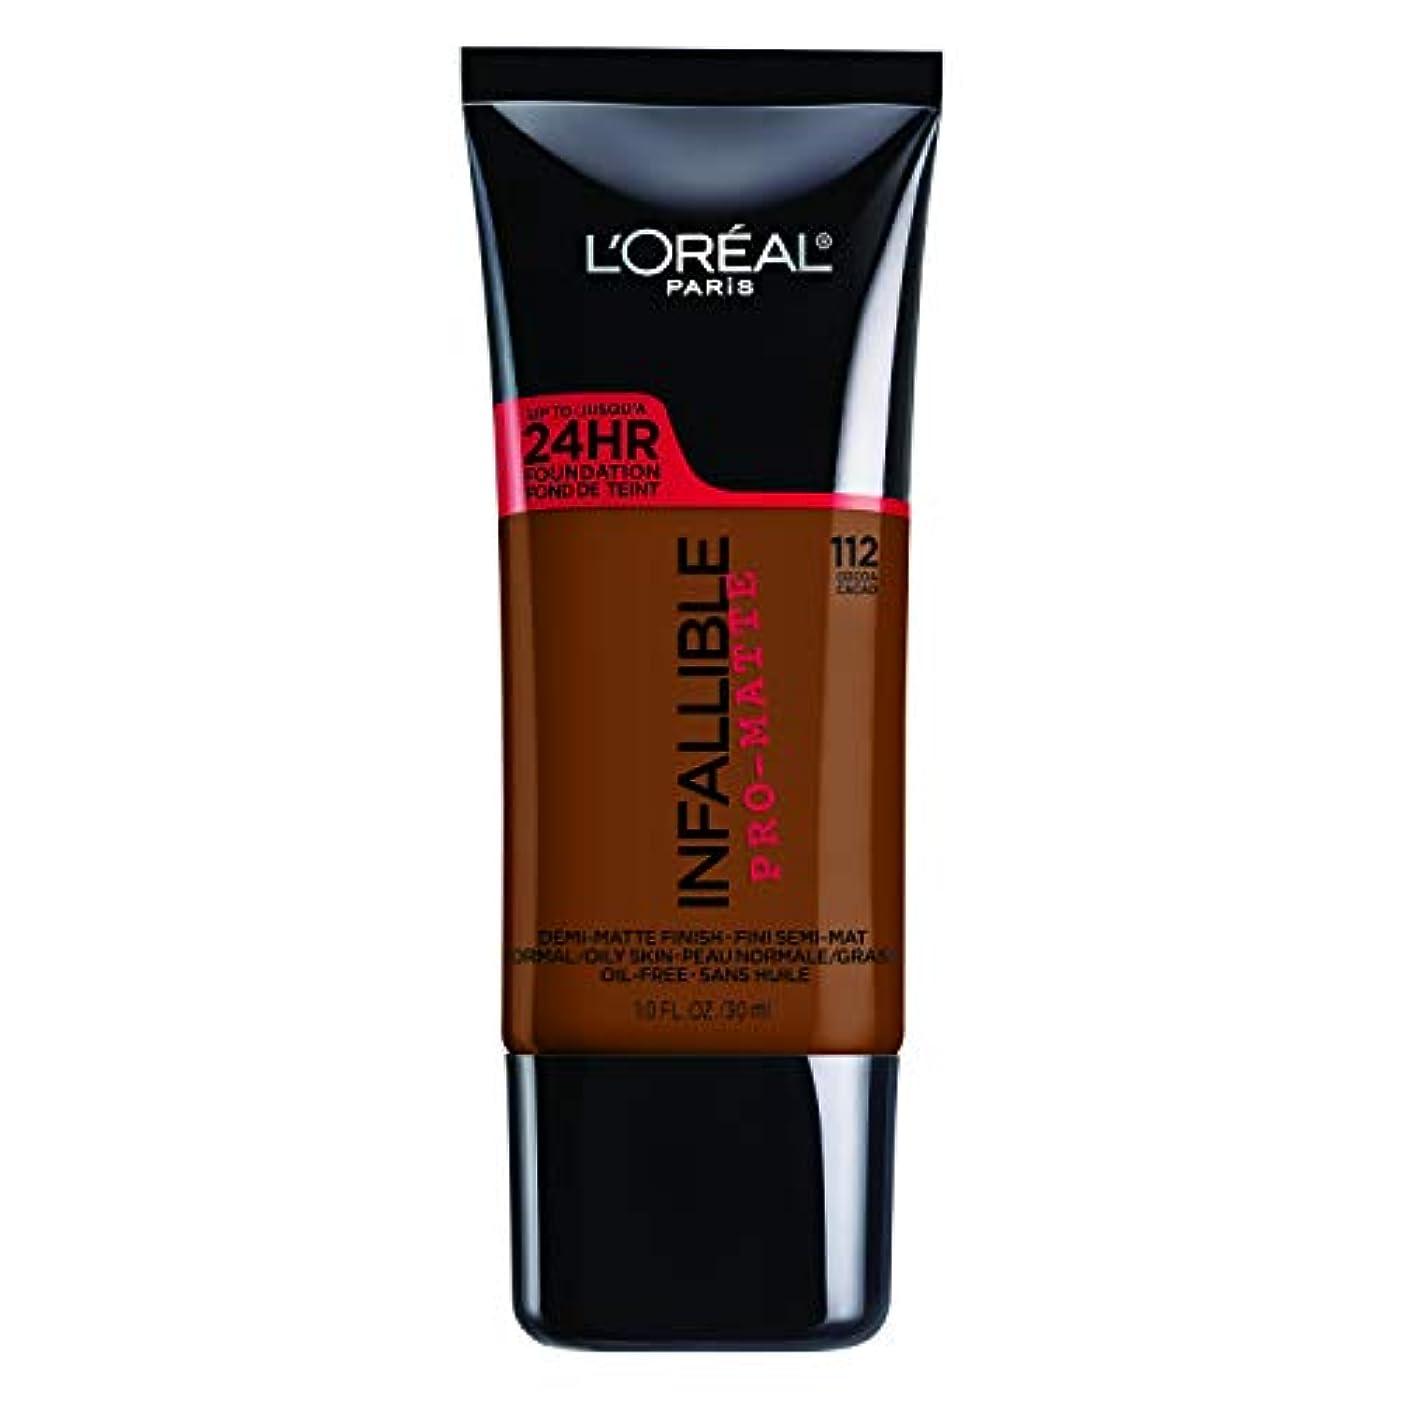 溝不一致保証するL'Oreal Paris Infallible Pro-Matte Foundation Makeup, 112 Cocoa, 1 fl. oz[並行輸入品]